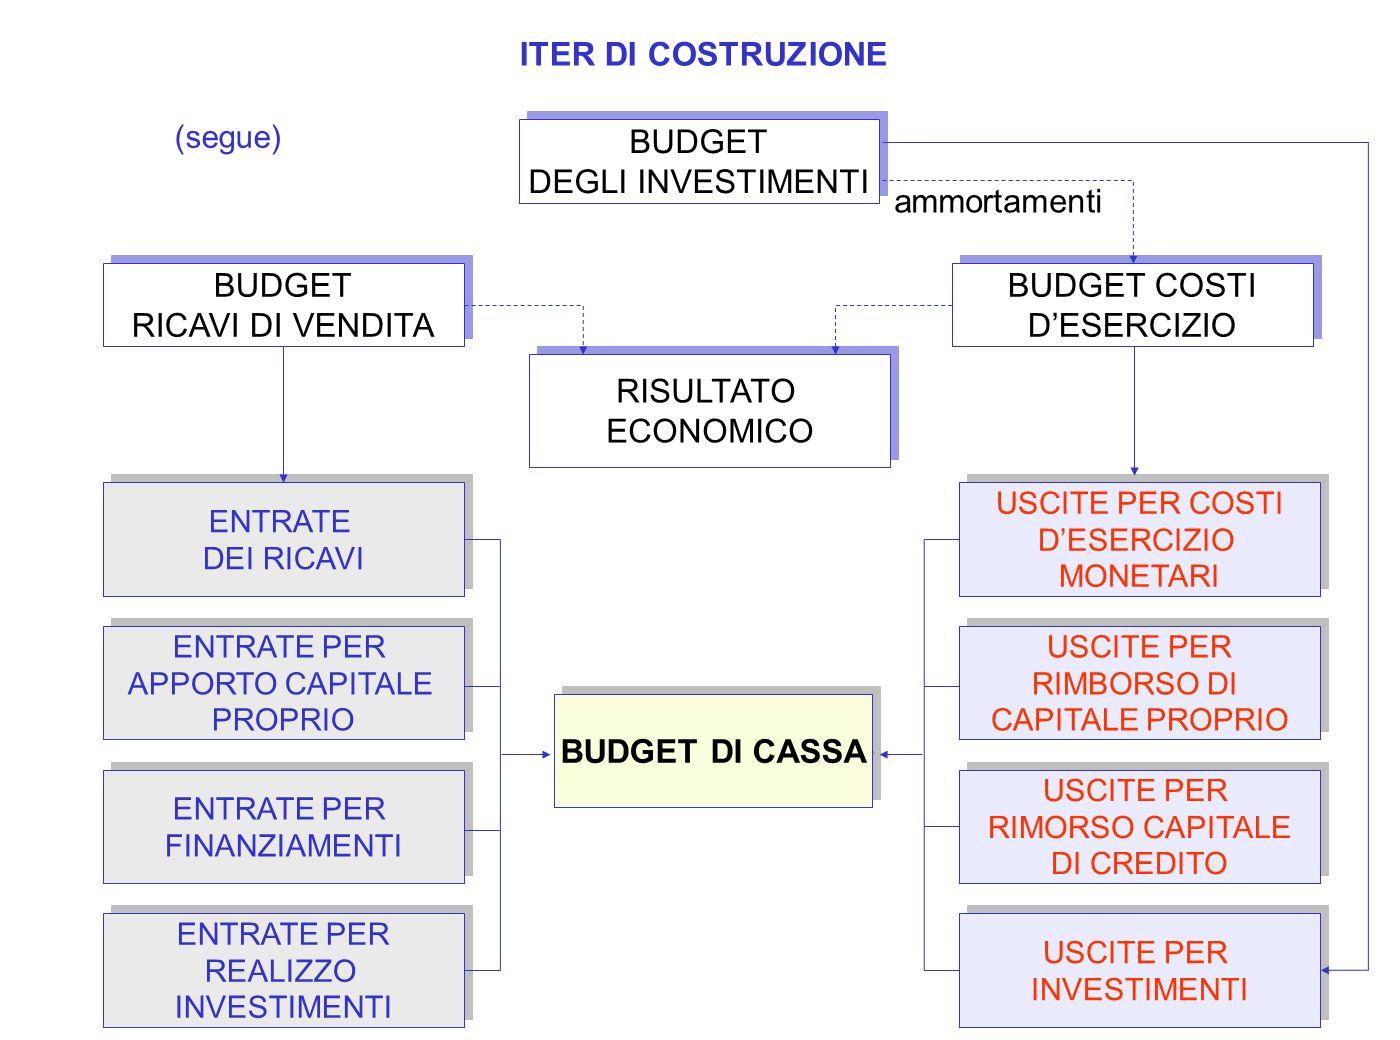 ITER DI COSTRUZIONE BUDGET DI CASSA